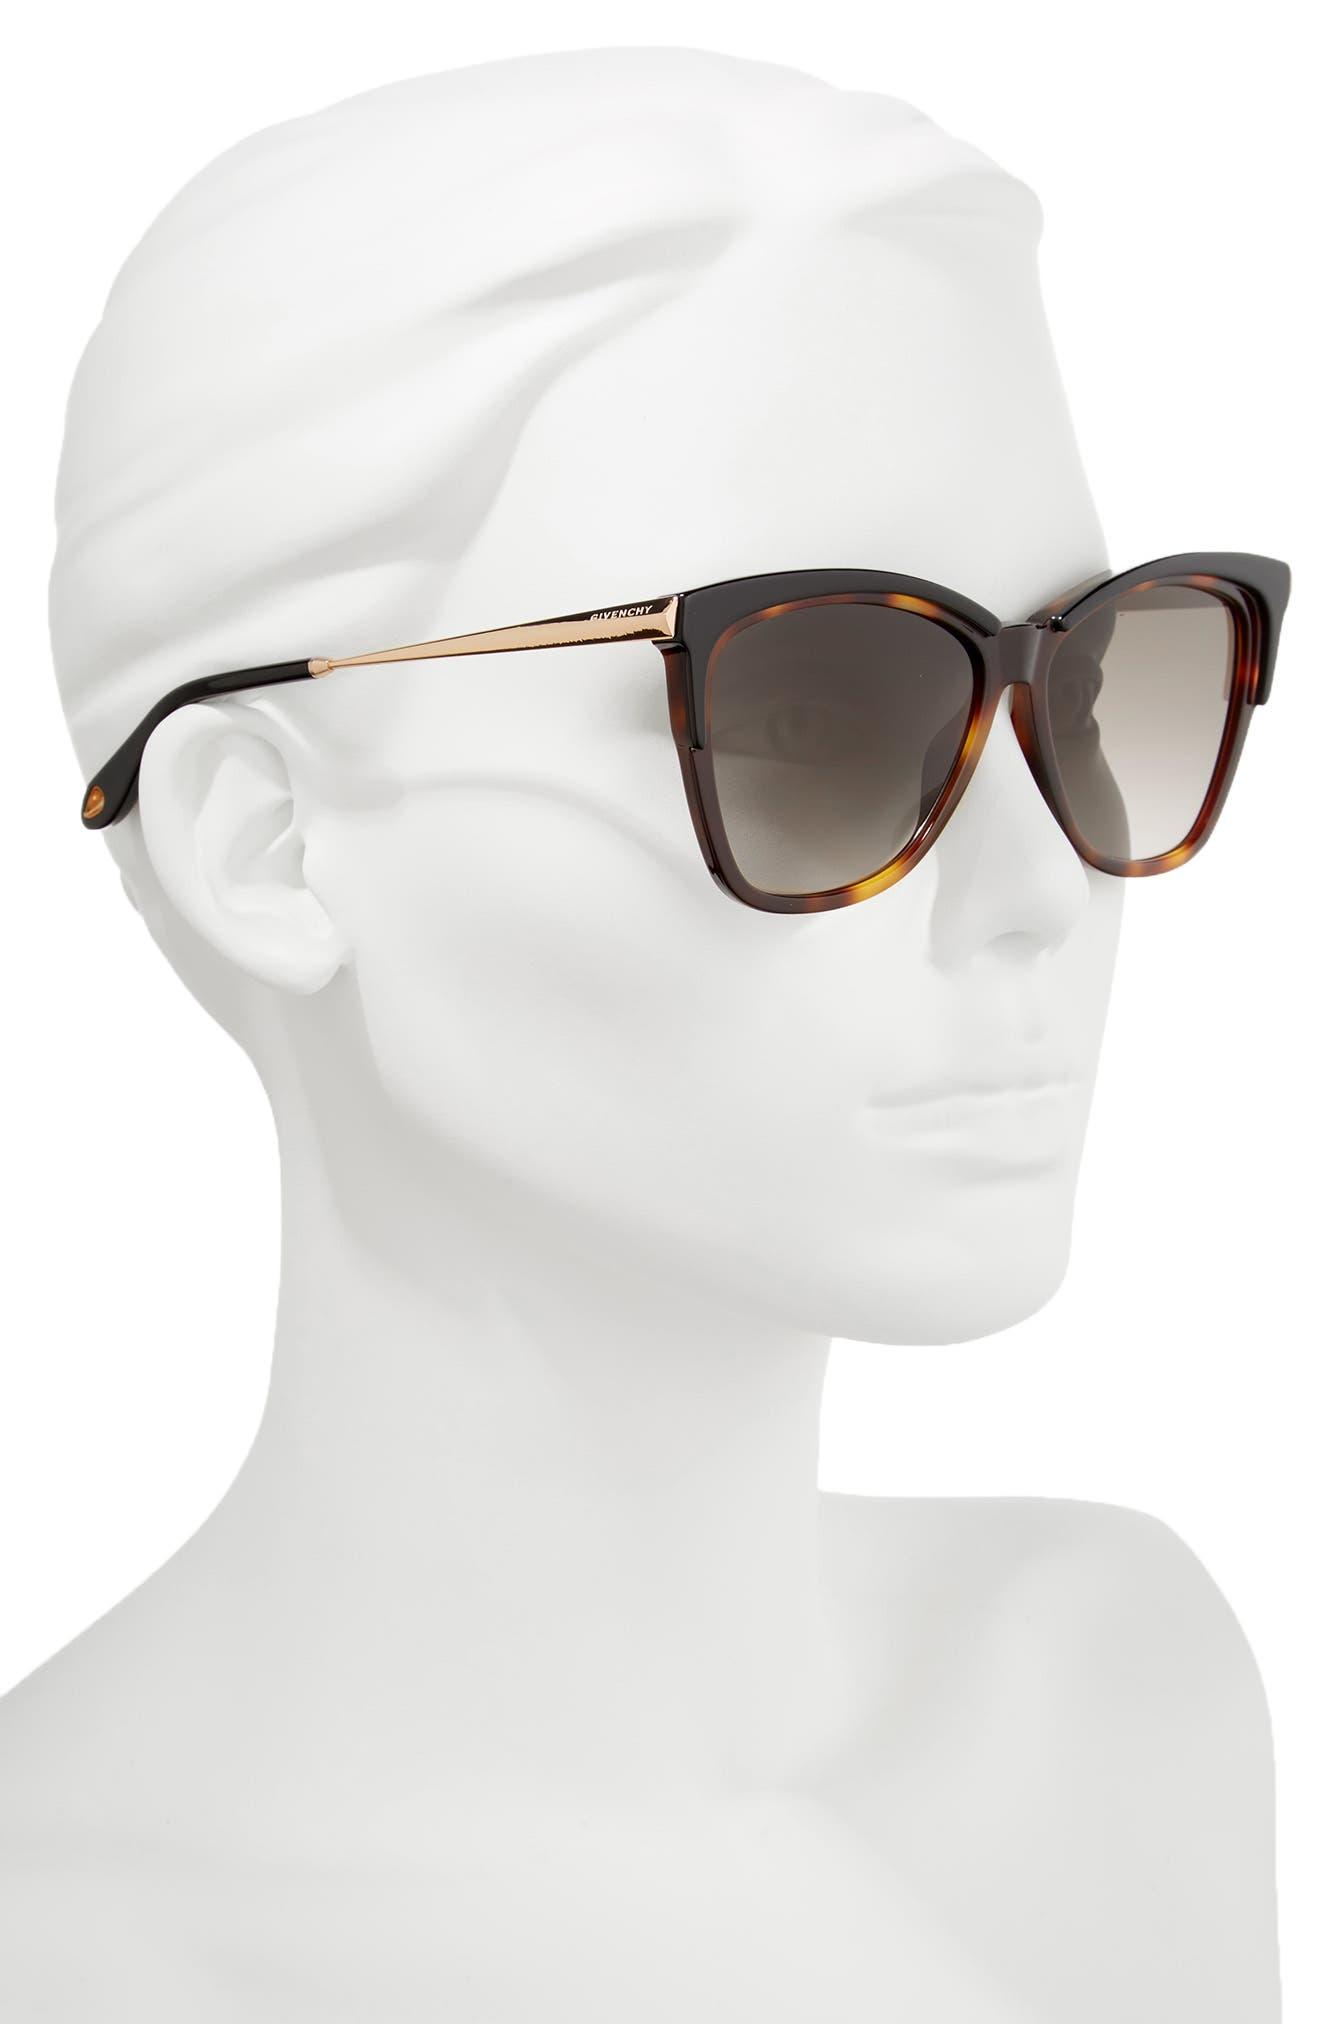 57mm Cat Eye Sunglasses,                             Alternate thumbnail 2, color,                             DARK HAVANA